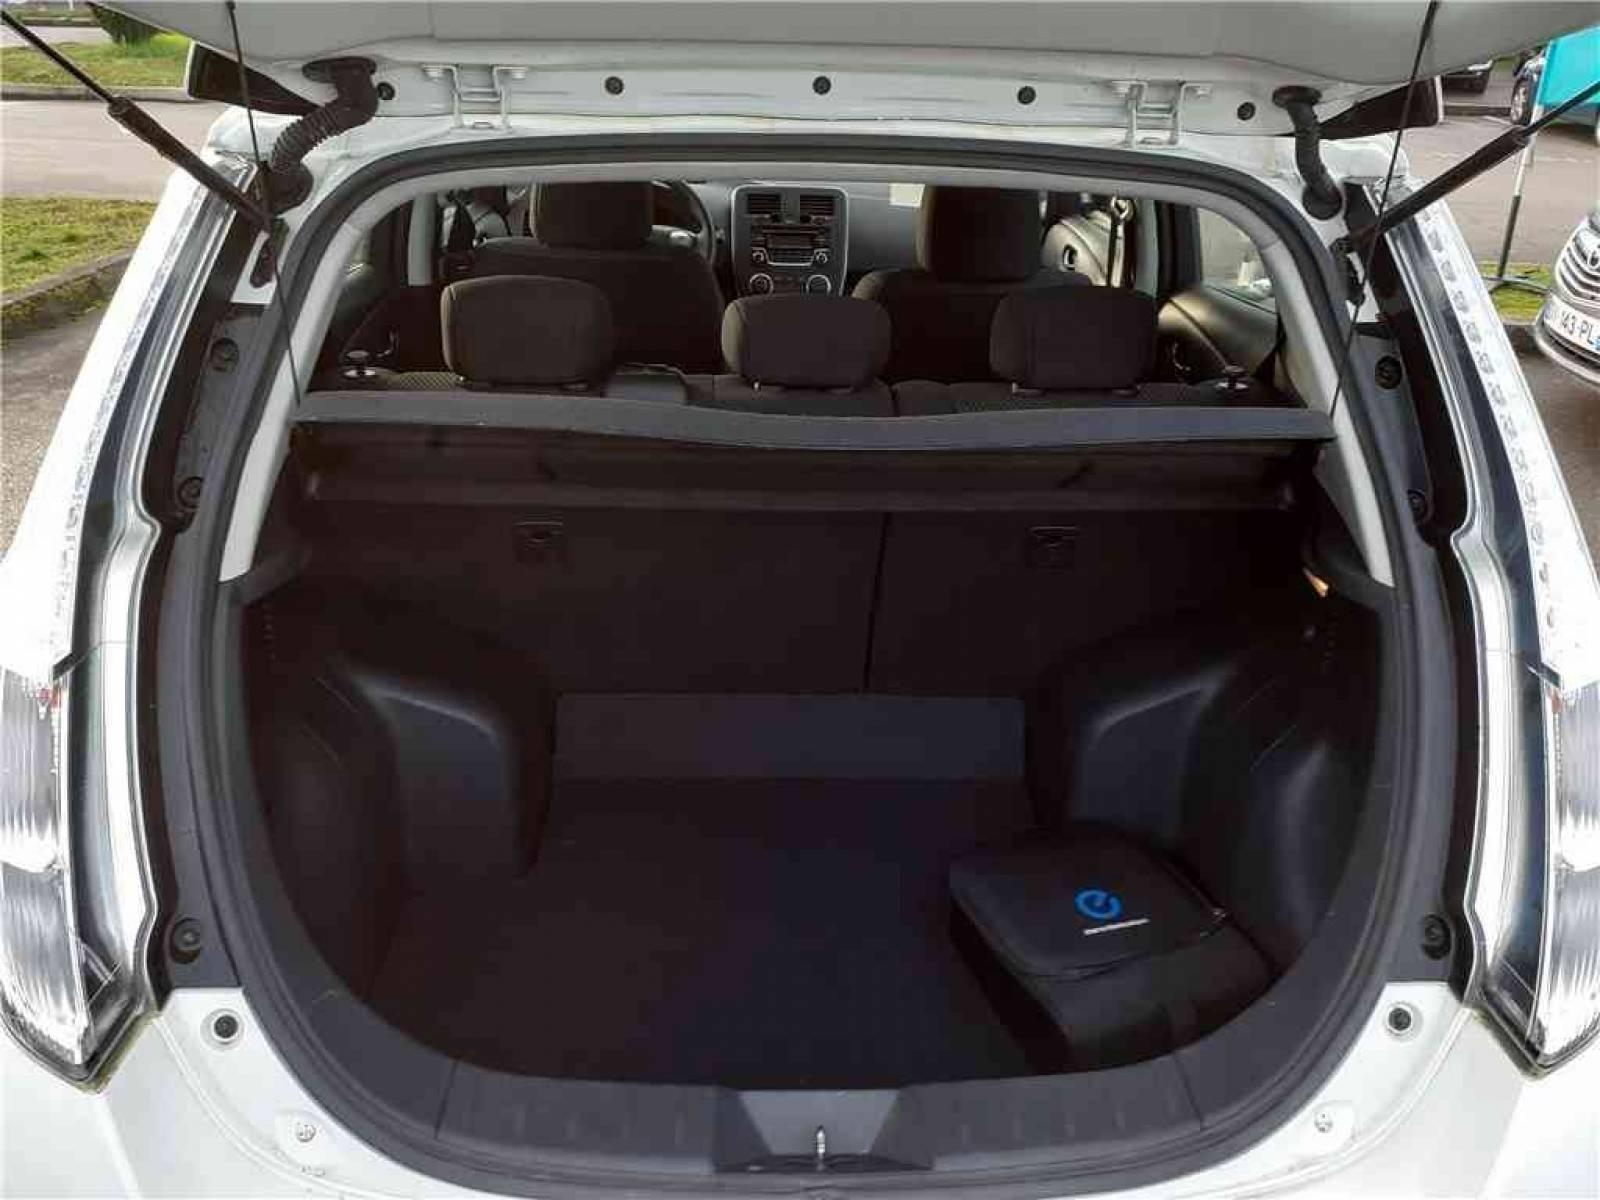 NISSAN Leaf Electrique 24kWh - véhicule d'occasion - Groupe Guillet - Opel Magicauto - Chalon-sur-Saône - 71380 - Saint-Marcel - 8